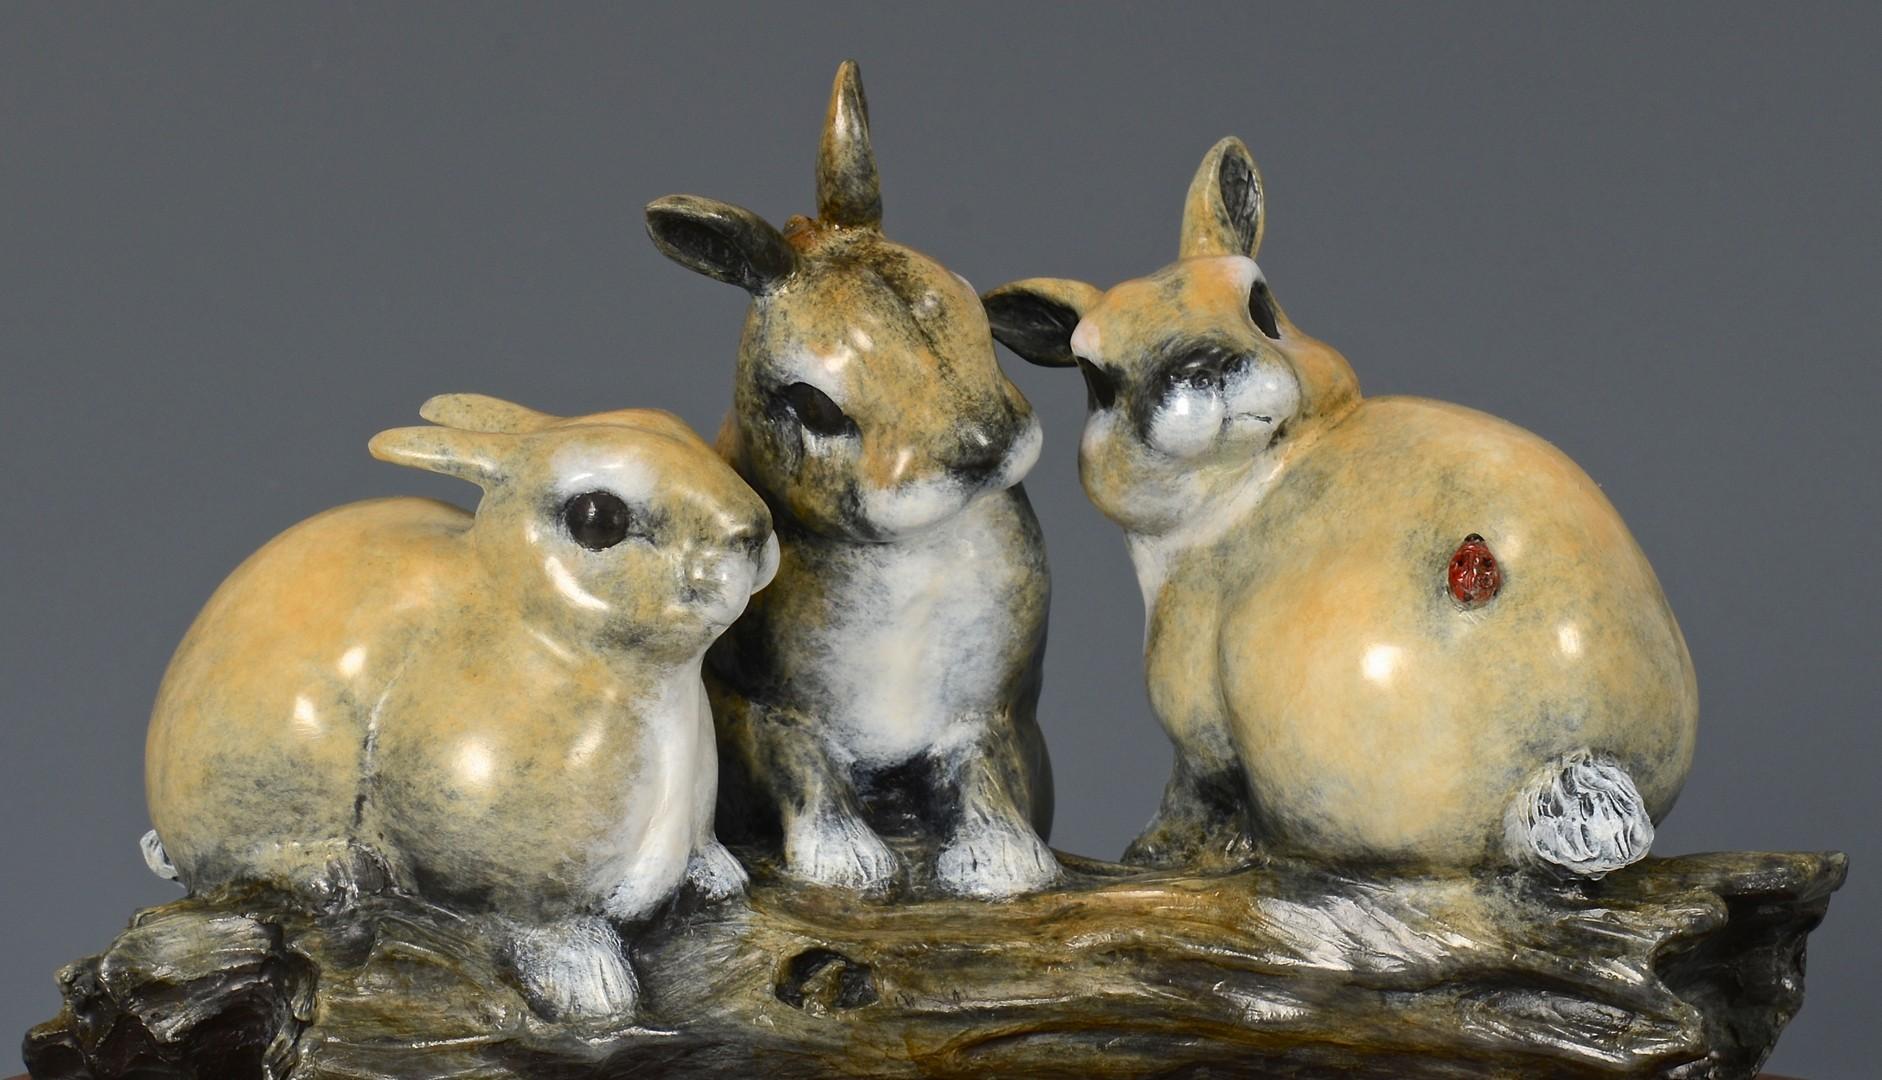 Lot 3832445: 2 Robert Ball Bronze Sculptures